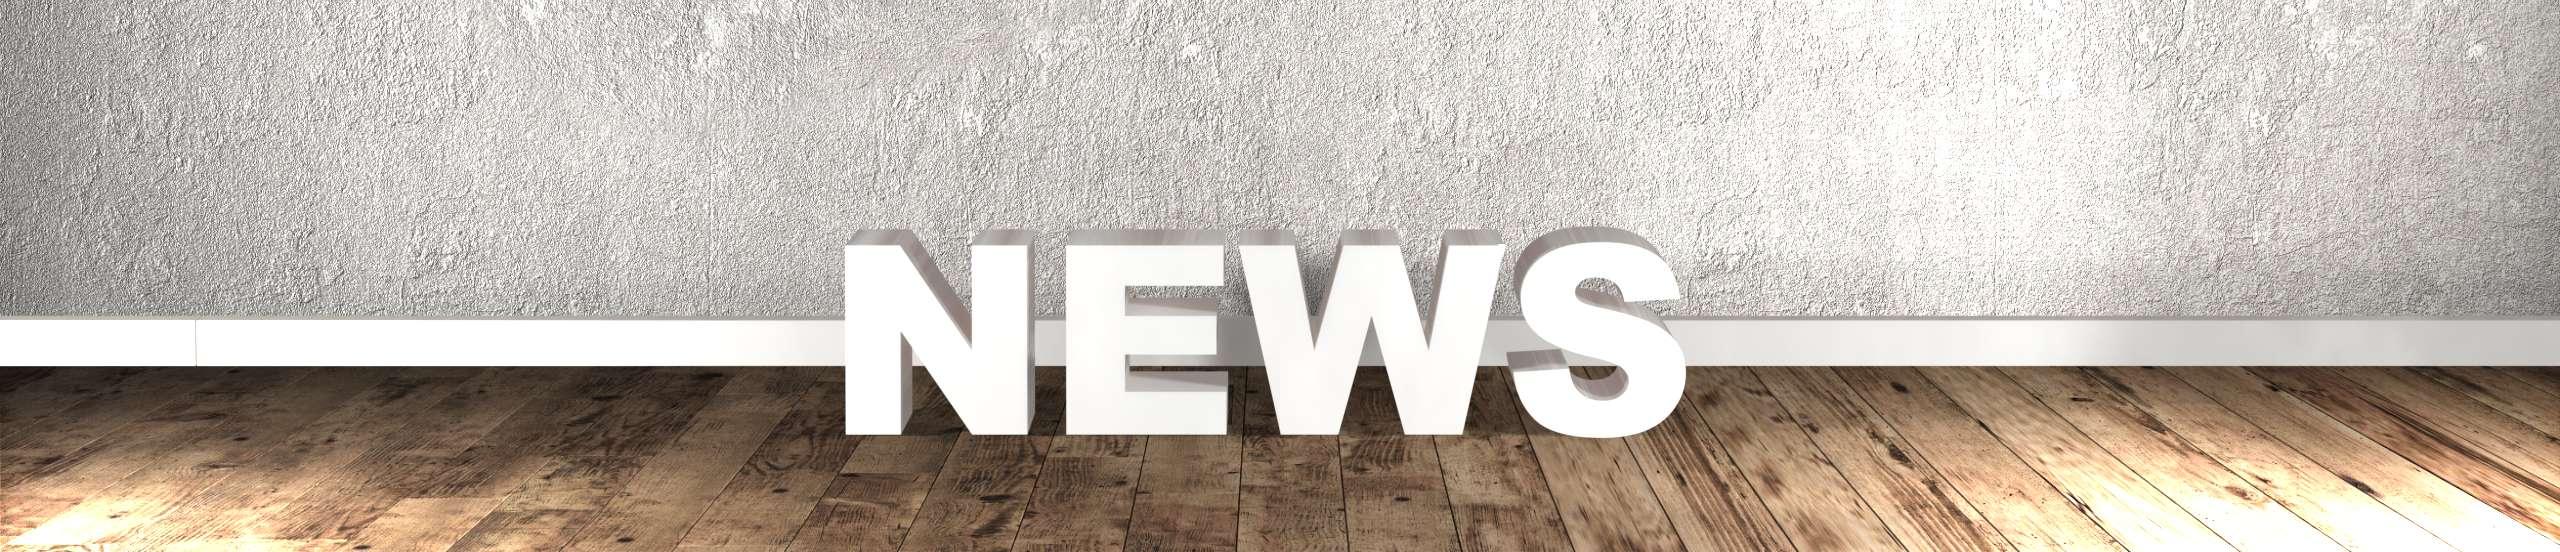 News Rechtstipps Anwalt Rechtsanwalt Blog Thomas Seidel